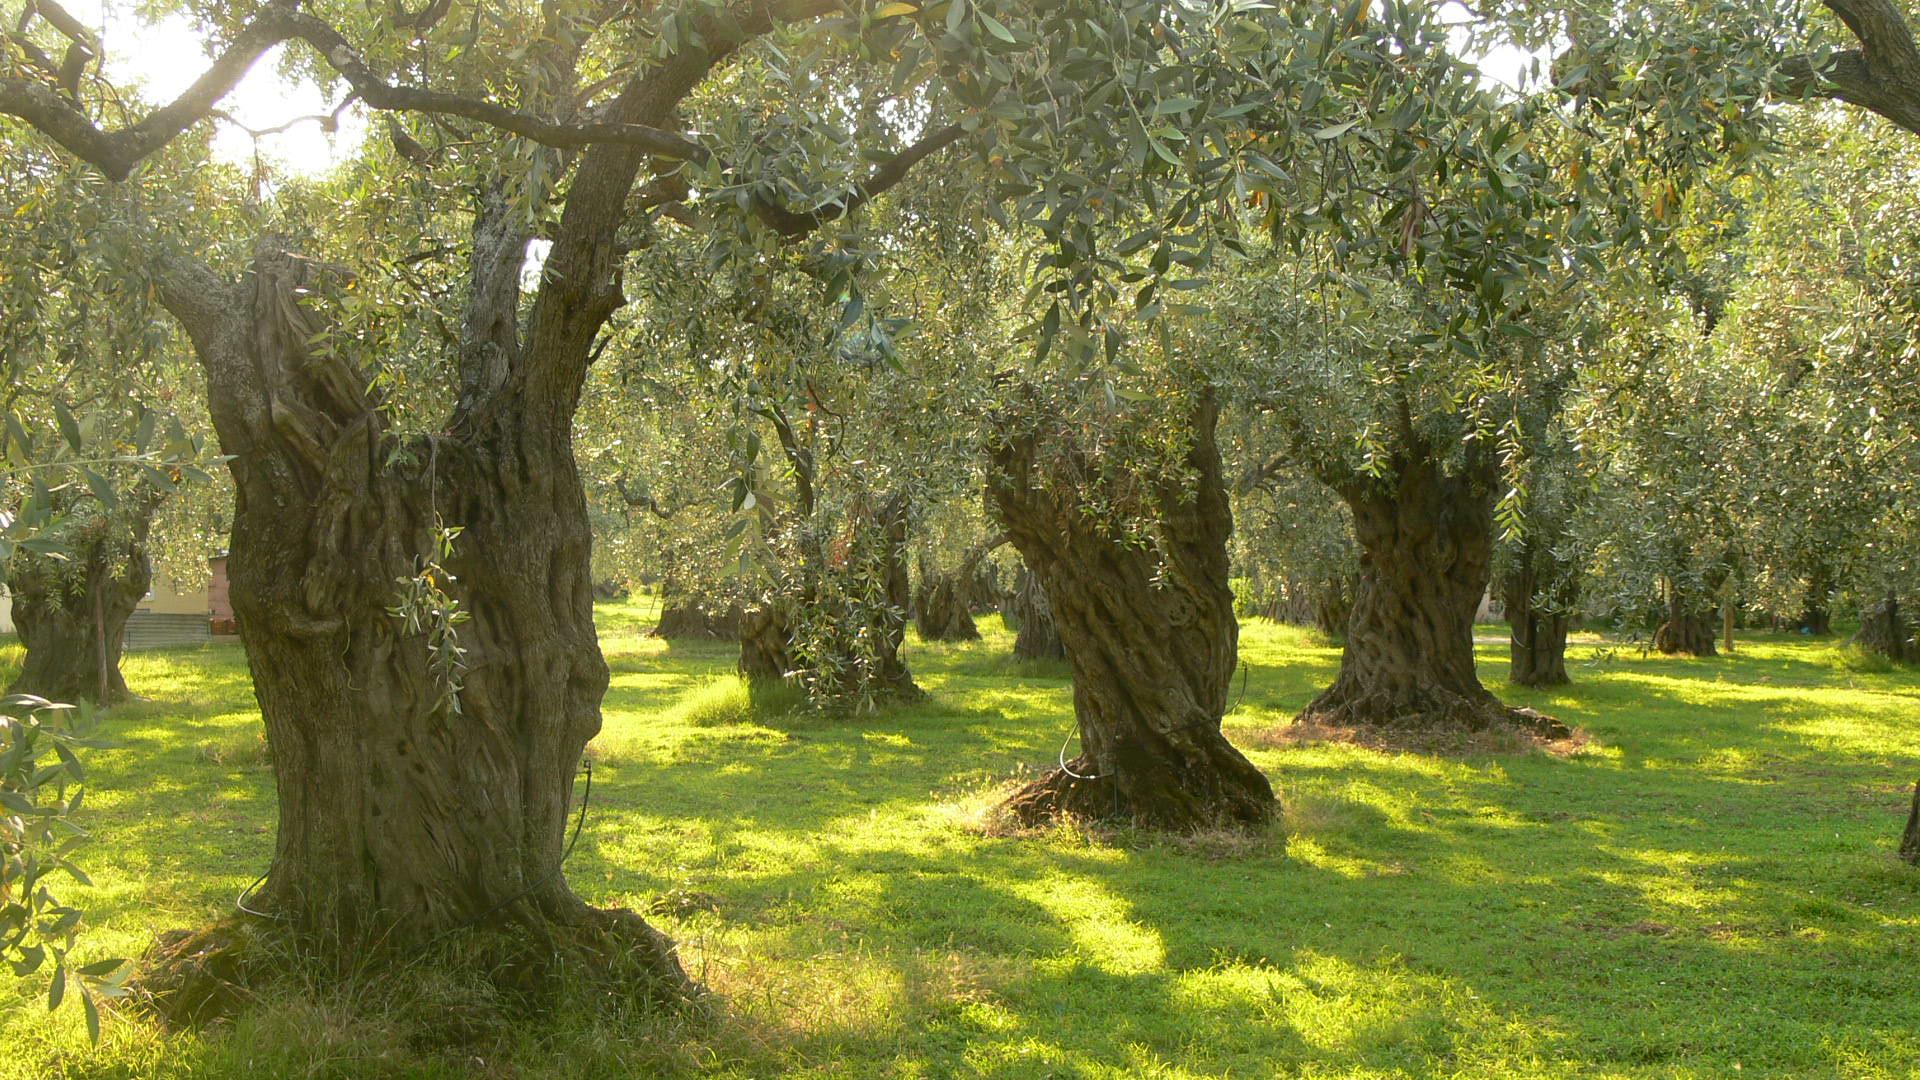 Zeytin ağaçları.